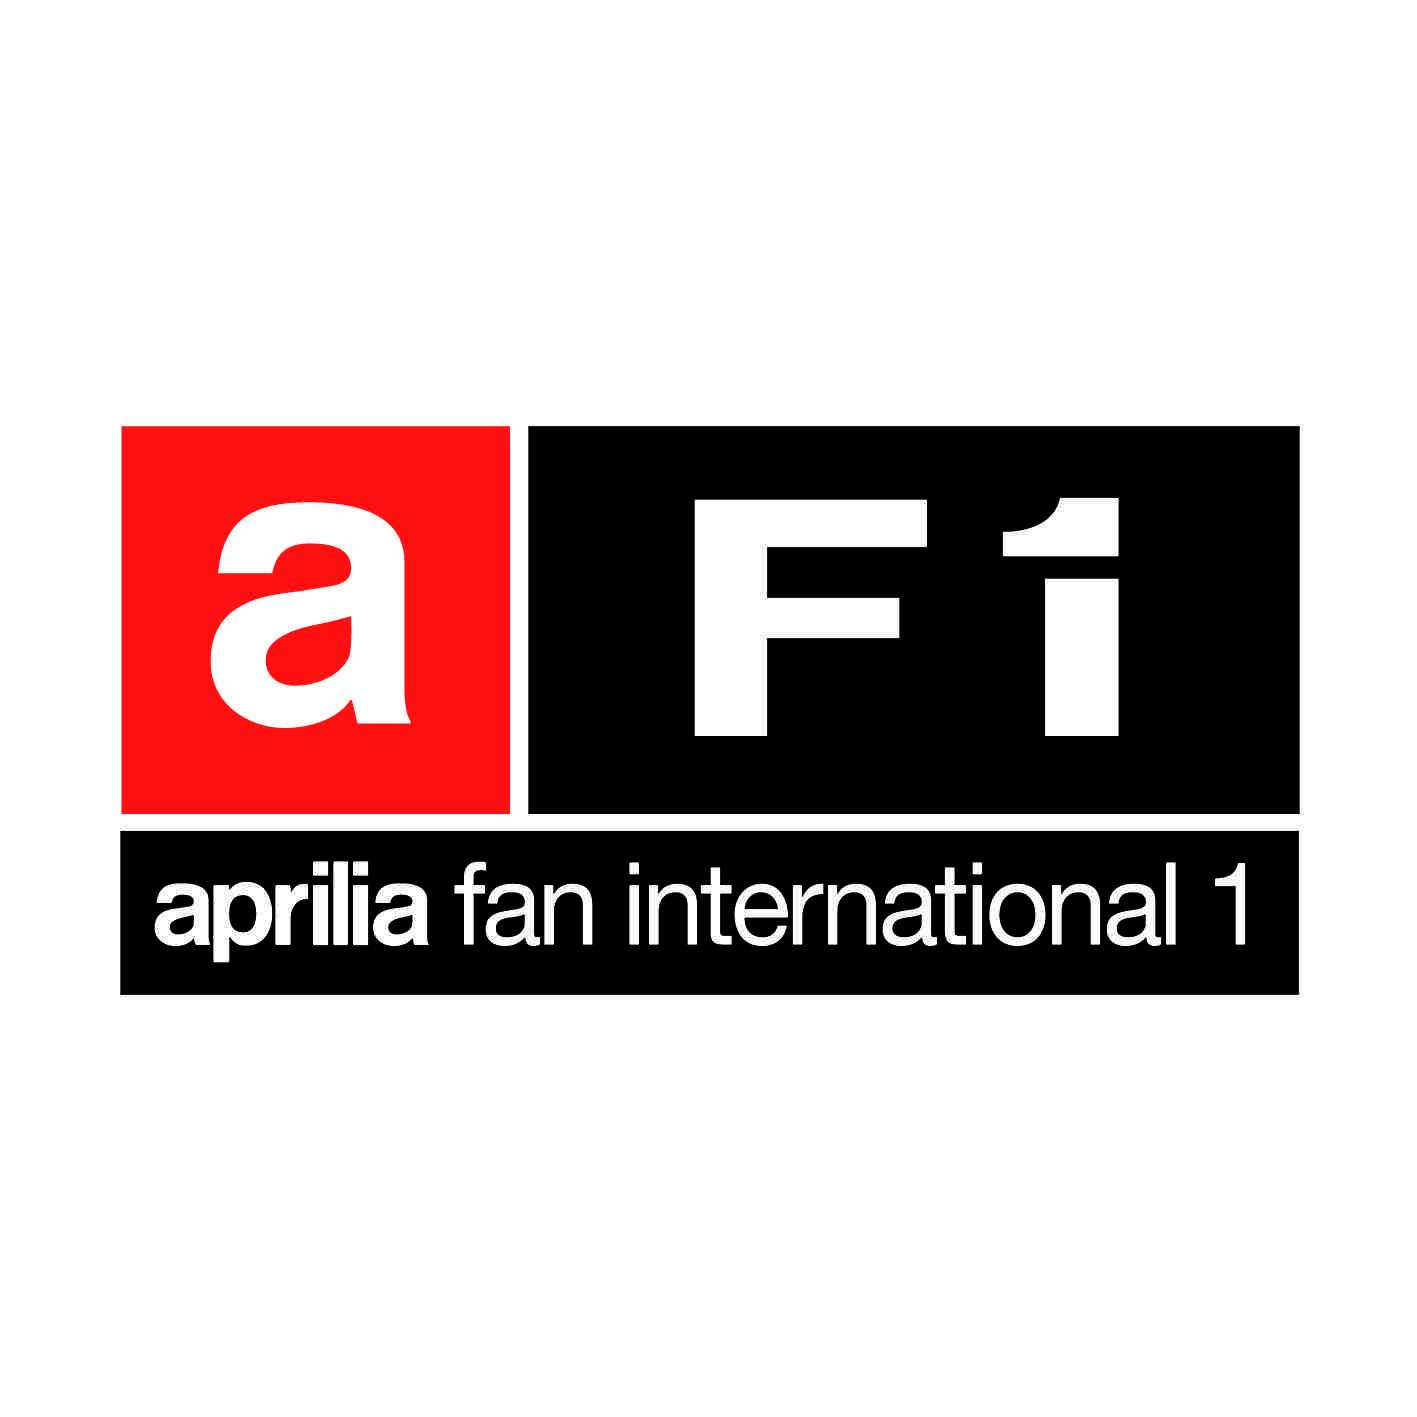 aprilia-ref9-stickers-moto-casque-scooter-sticker-autocollant-adhesifs